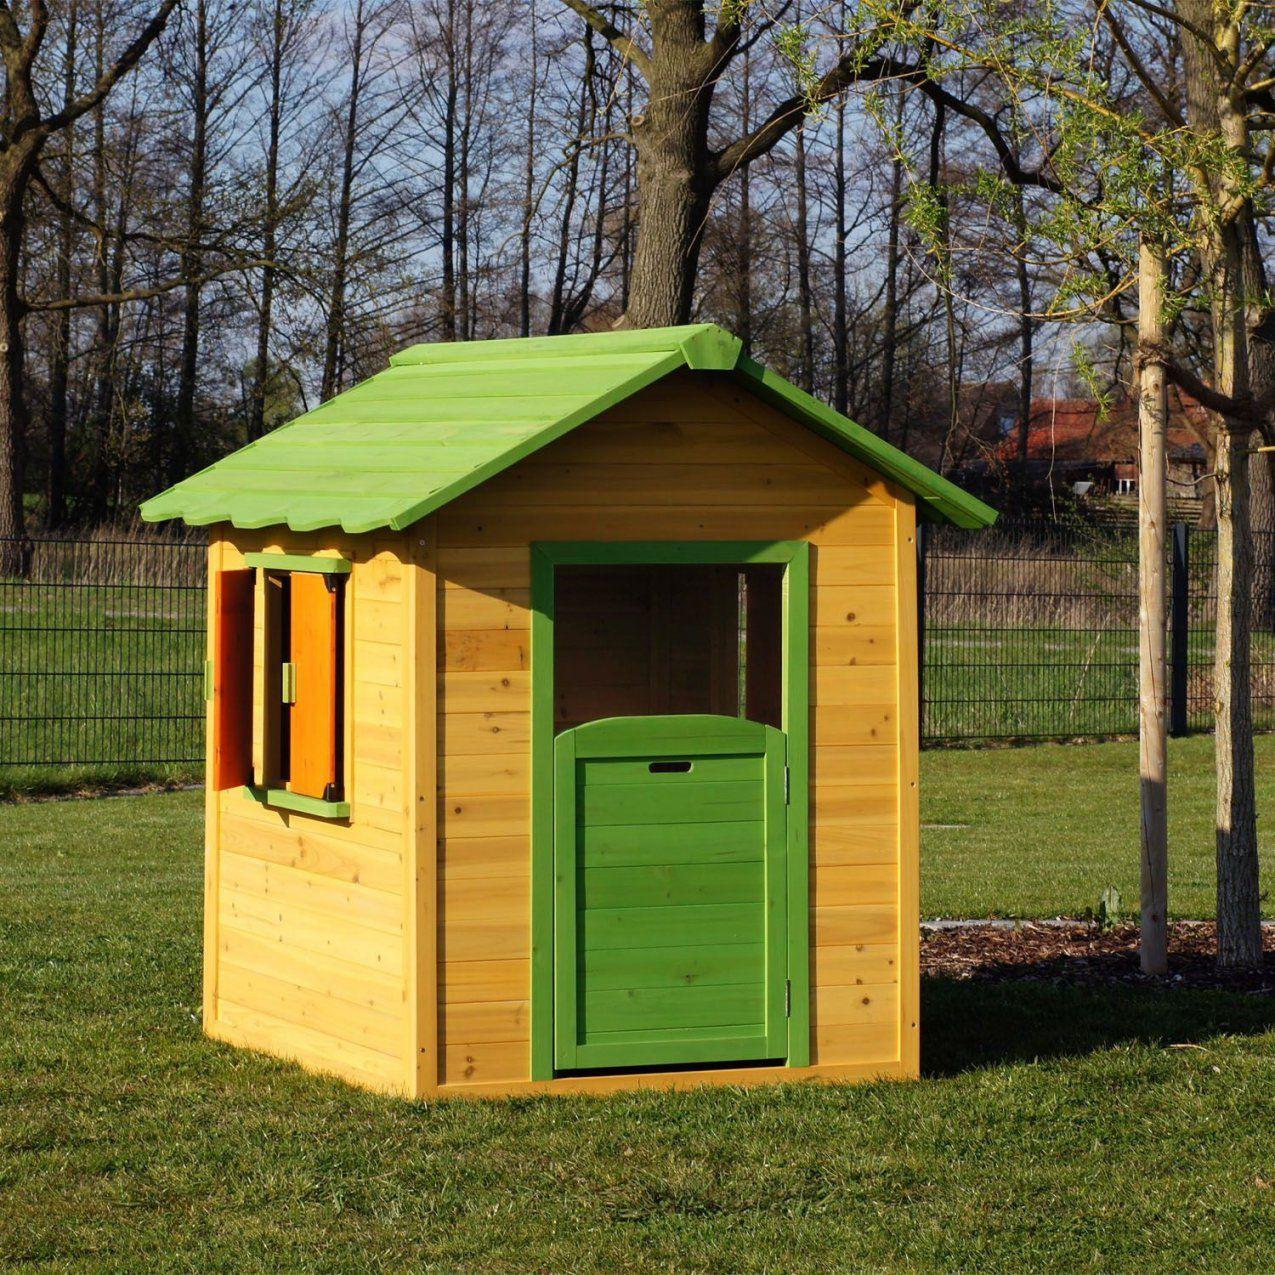 Faszinierend Kinder Holzhaus Selber Bauen Kinderspielhaus Kleines von Kinder Holzhaus Selber Bauen Bild